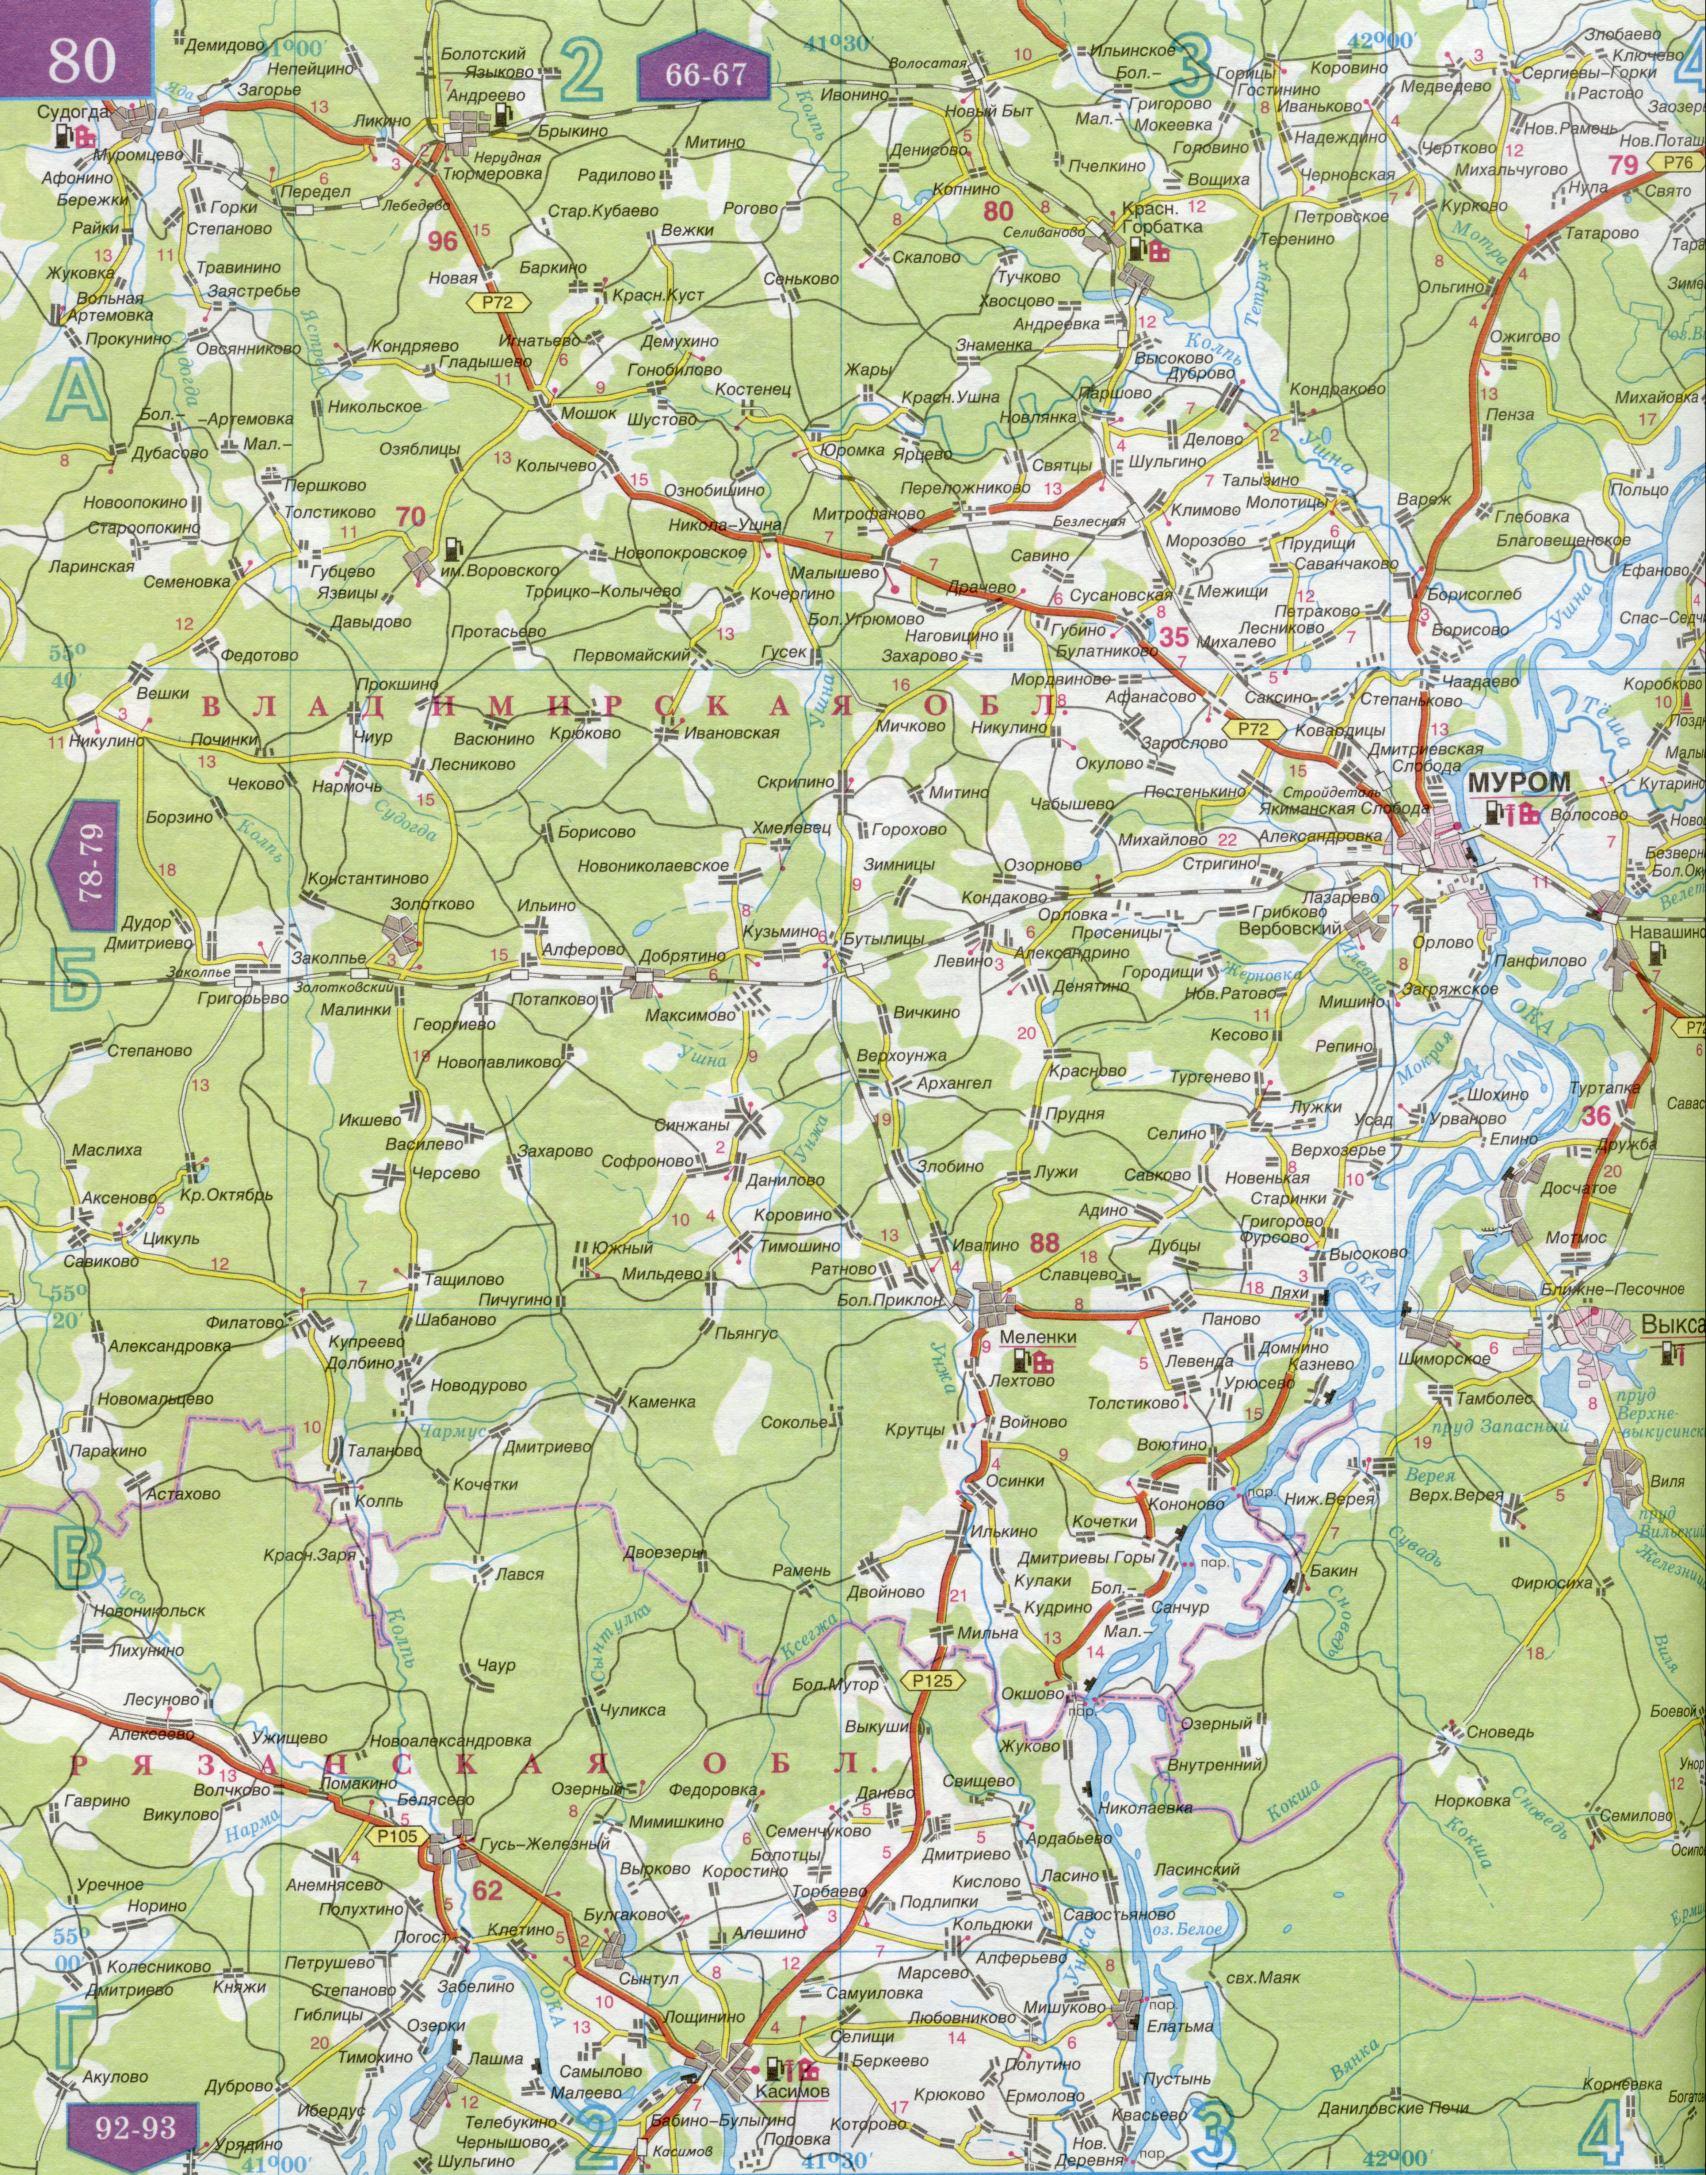 Подробная карта дорог Нижегородской, Костромской, Ивановской, Владимирской областей.